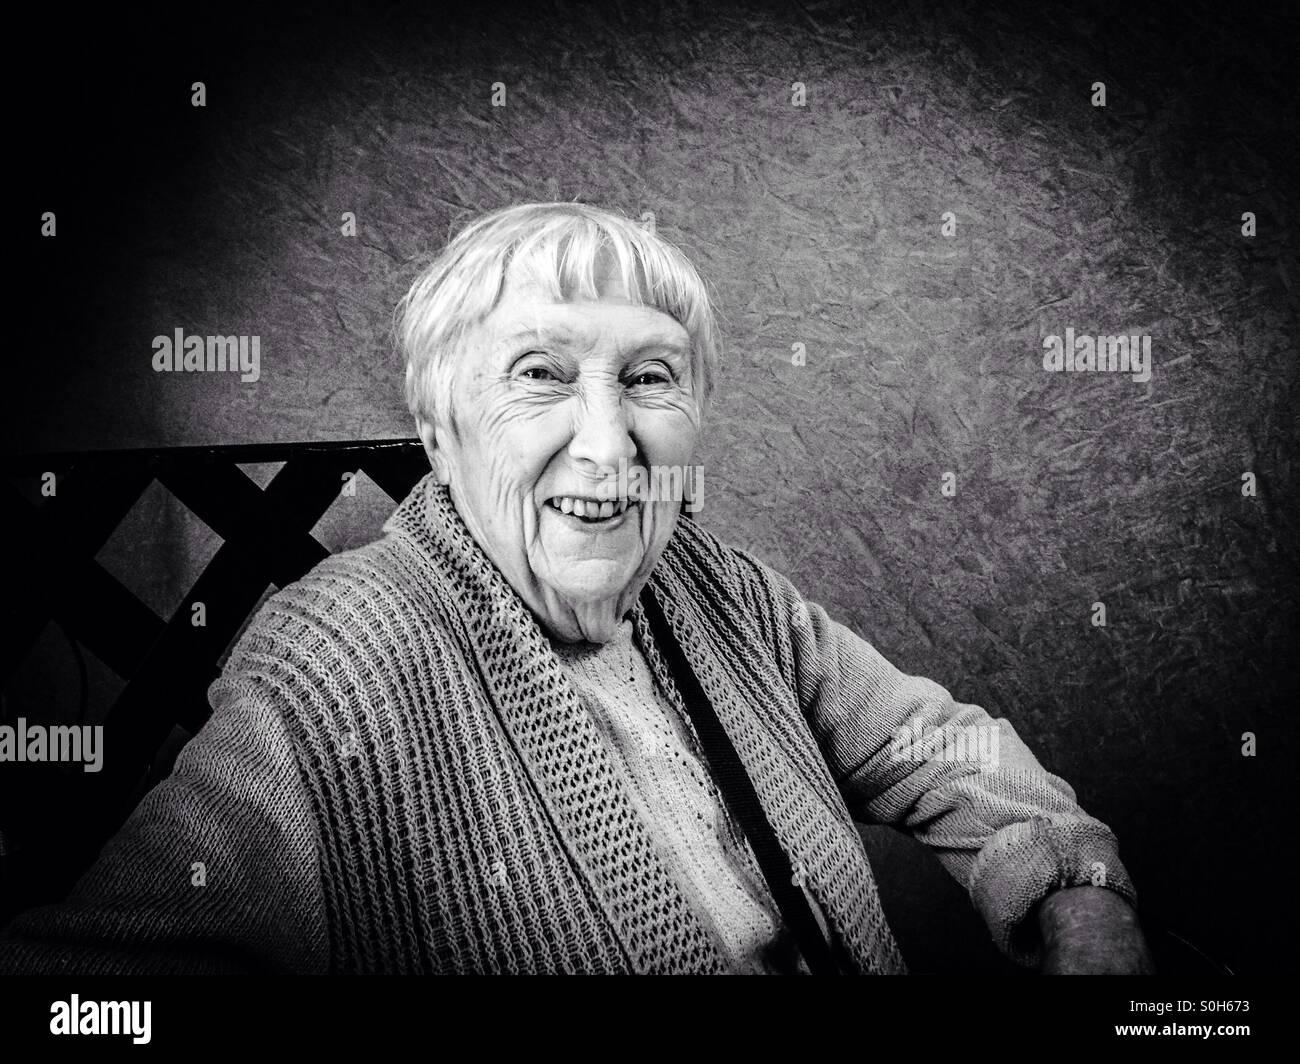 Grand-mère à la recherche de 94 incroyable..... Banque D'Images